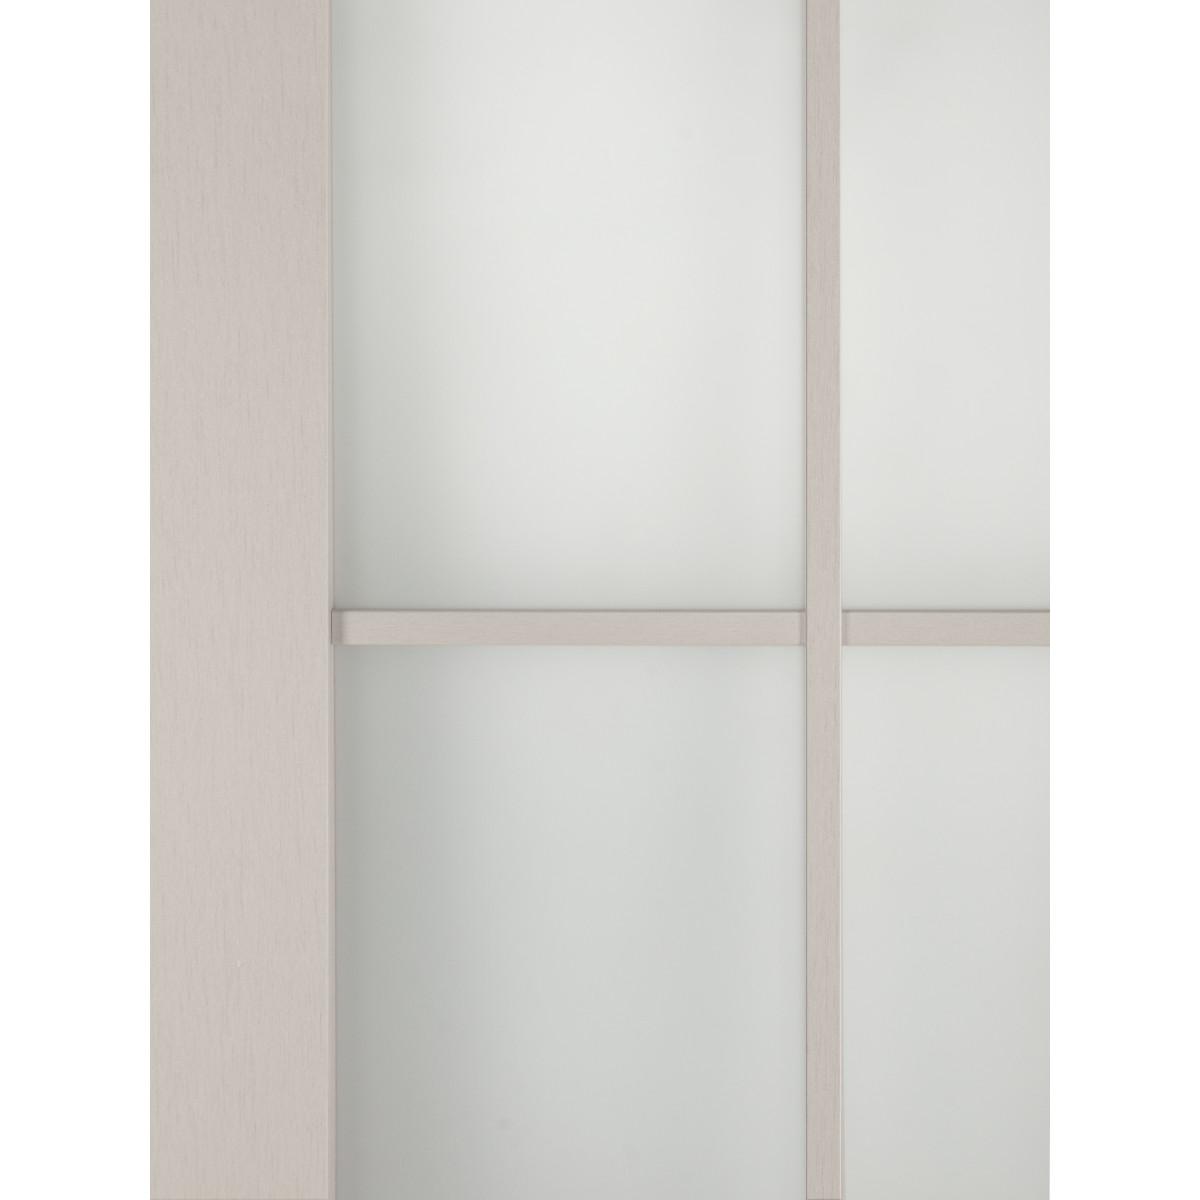 Дверь Межкомнатная Остеклённая С Фурнитурой Пьемонт 60Х200 Hardflex Цвет Платина Светлая